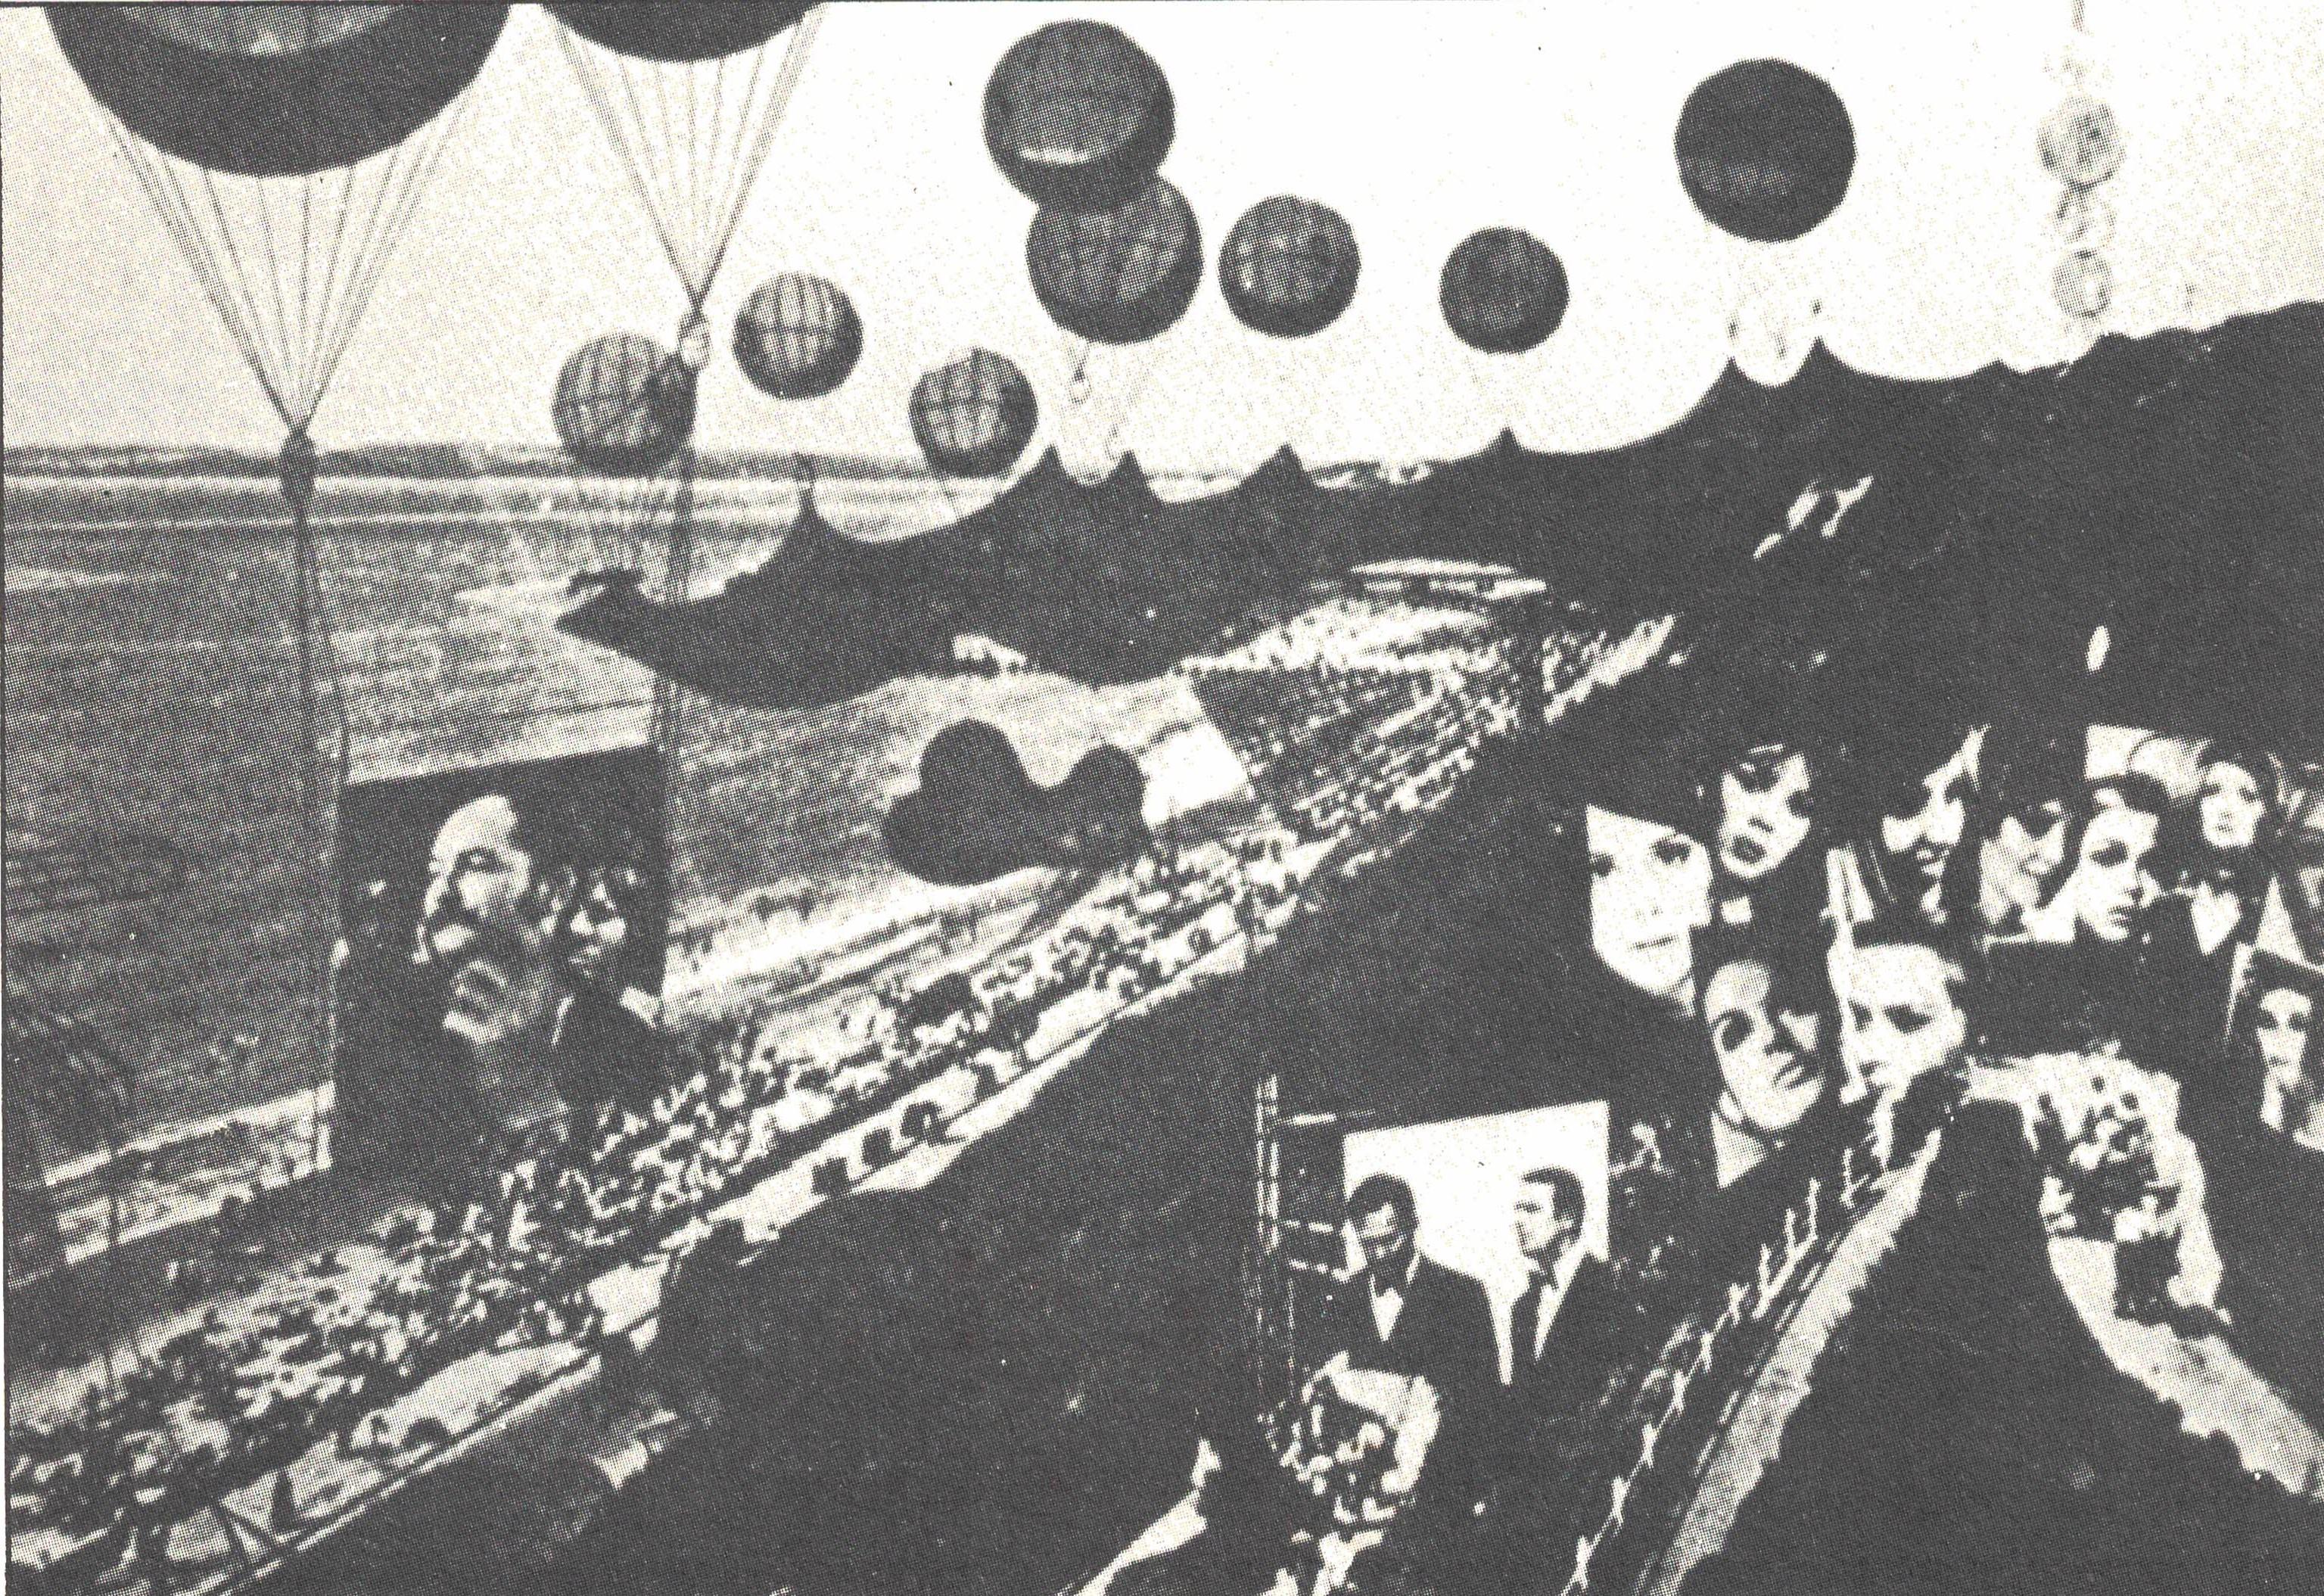 Figura 14. Peter Cook (Archigram), Projeto para uma Instant-City, 1969